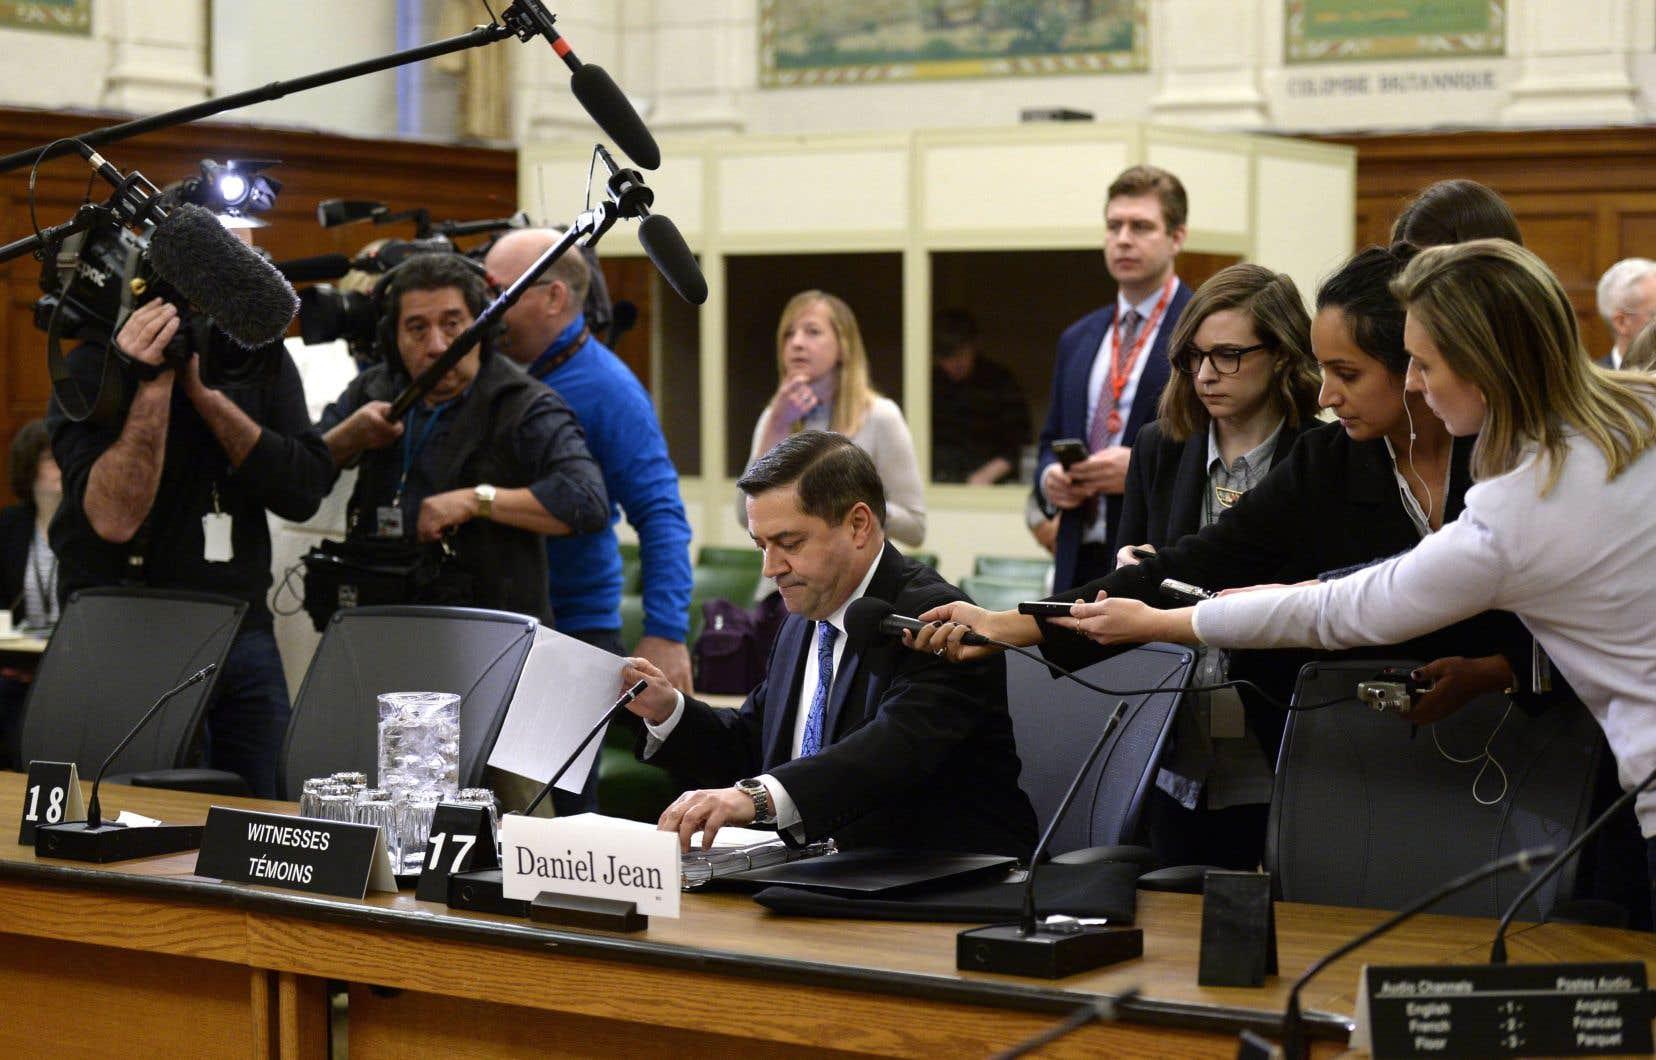 Le conseiller à la sécurité nationaleDaniel Jean étaitde passage au comité de la sécurité nationale lundi pour s'expliquer.